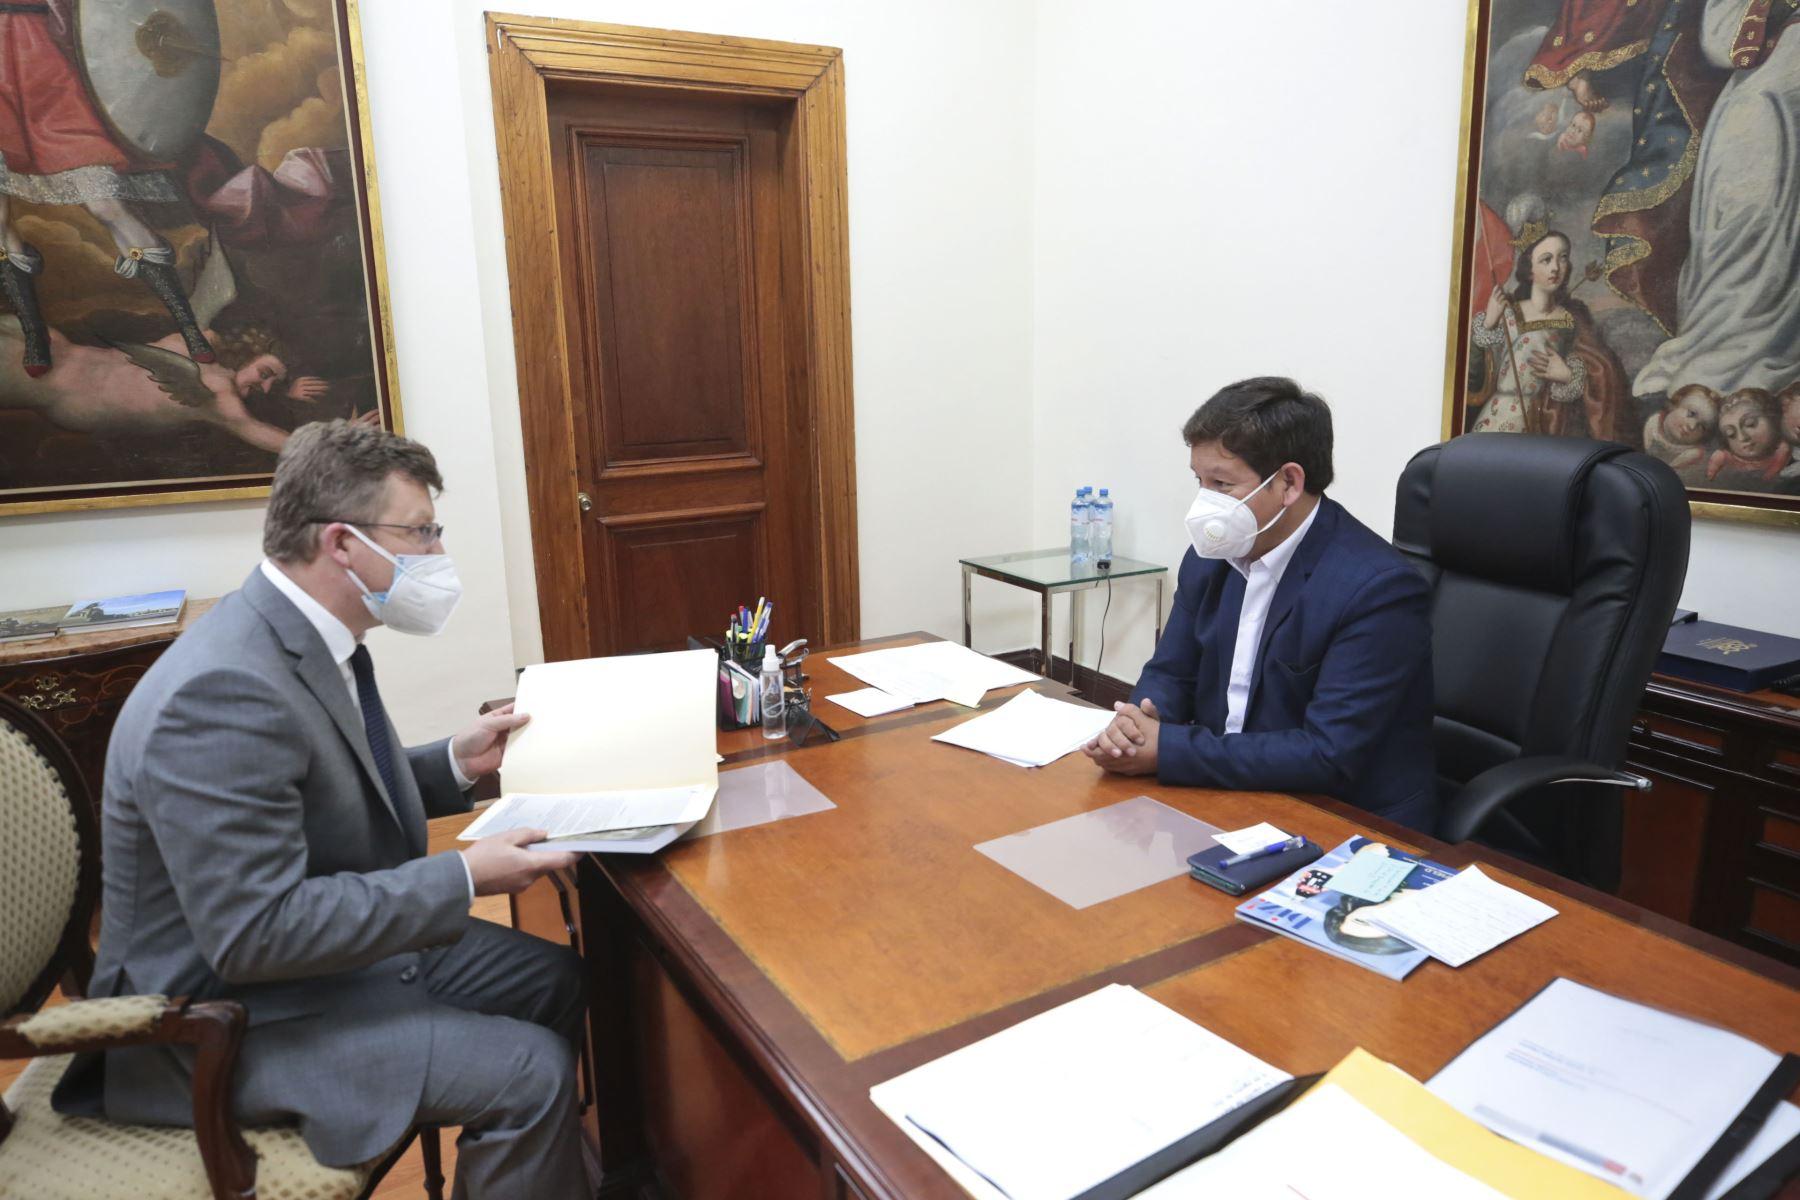 El presidente del Consejo de Ministros, Guido Bellido, se reúne con el Encargado de Negocios de la embajada de Ucrania, Rostyslav Yavorivskyi. Foto: PCM